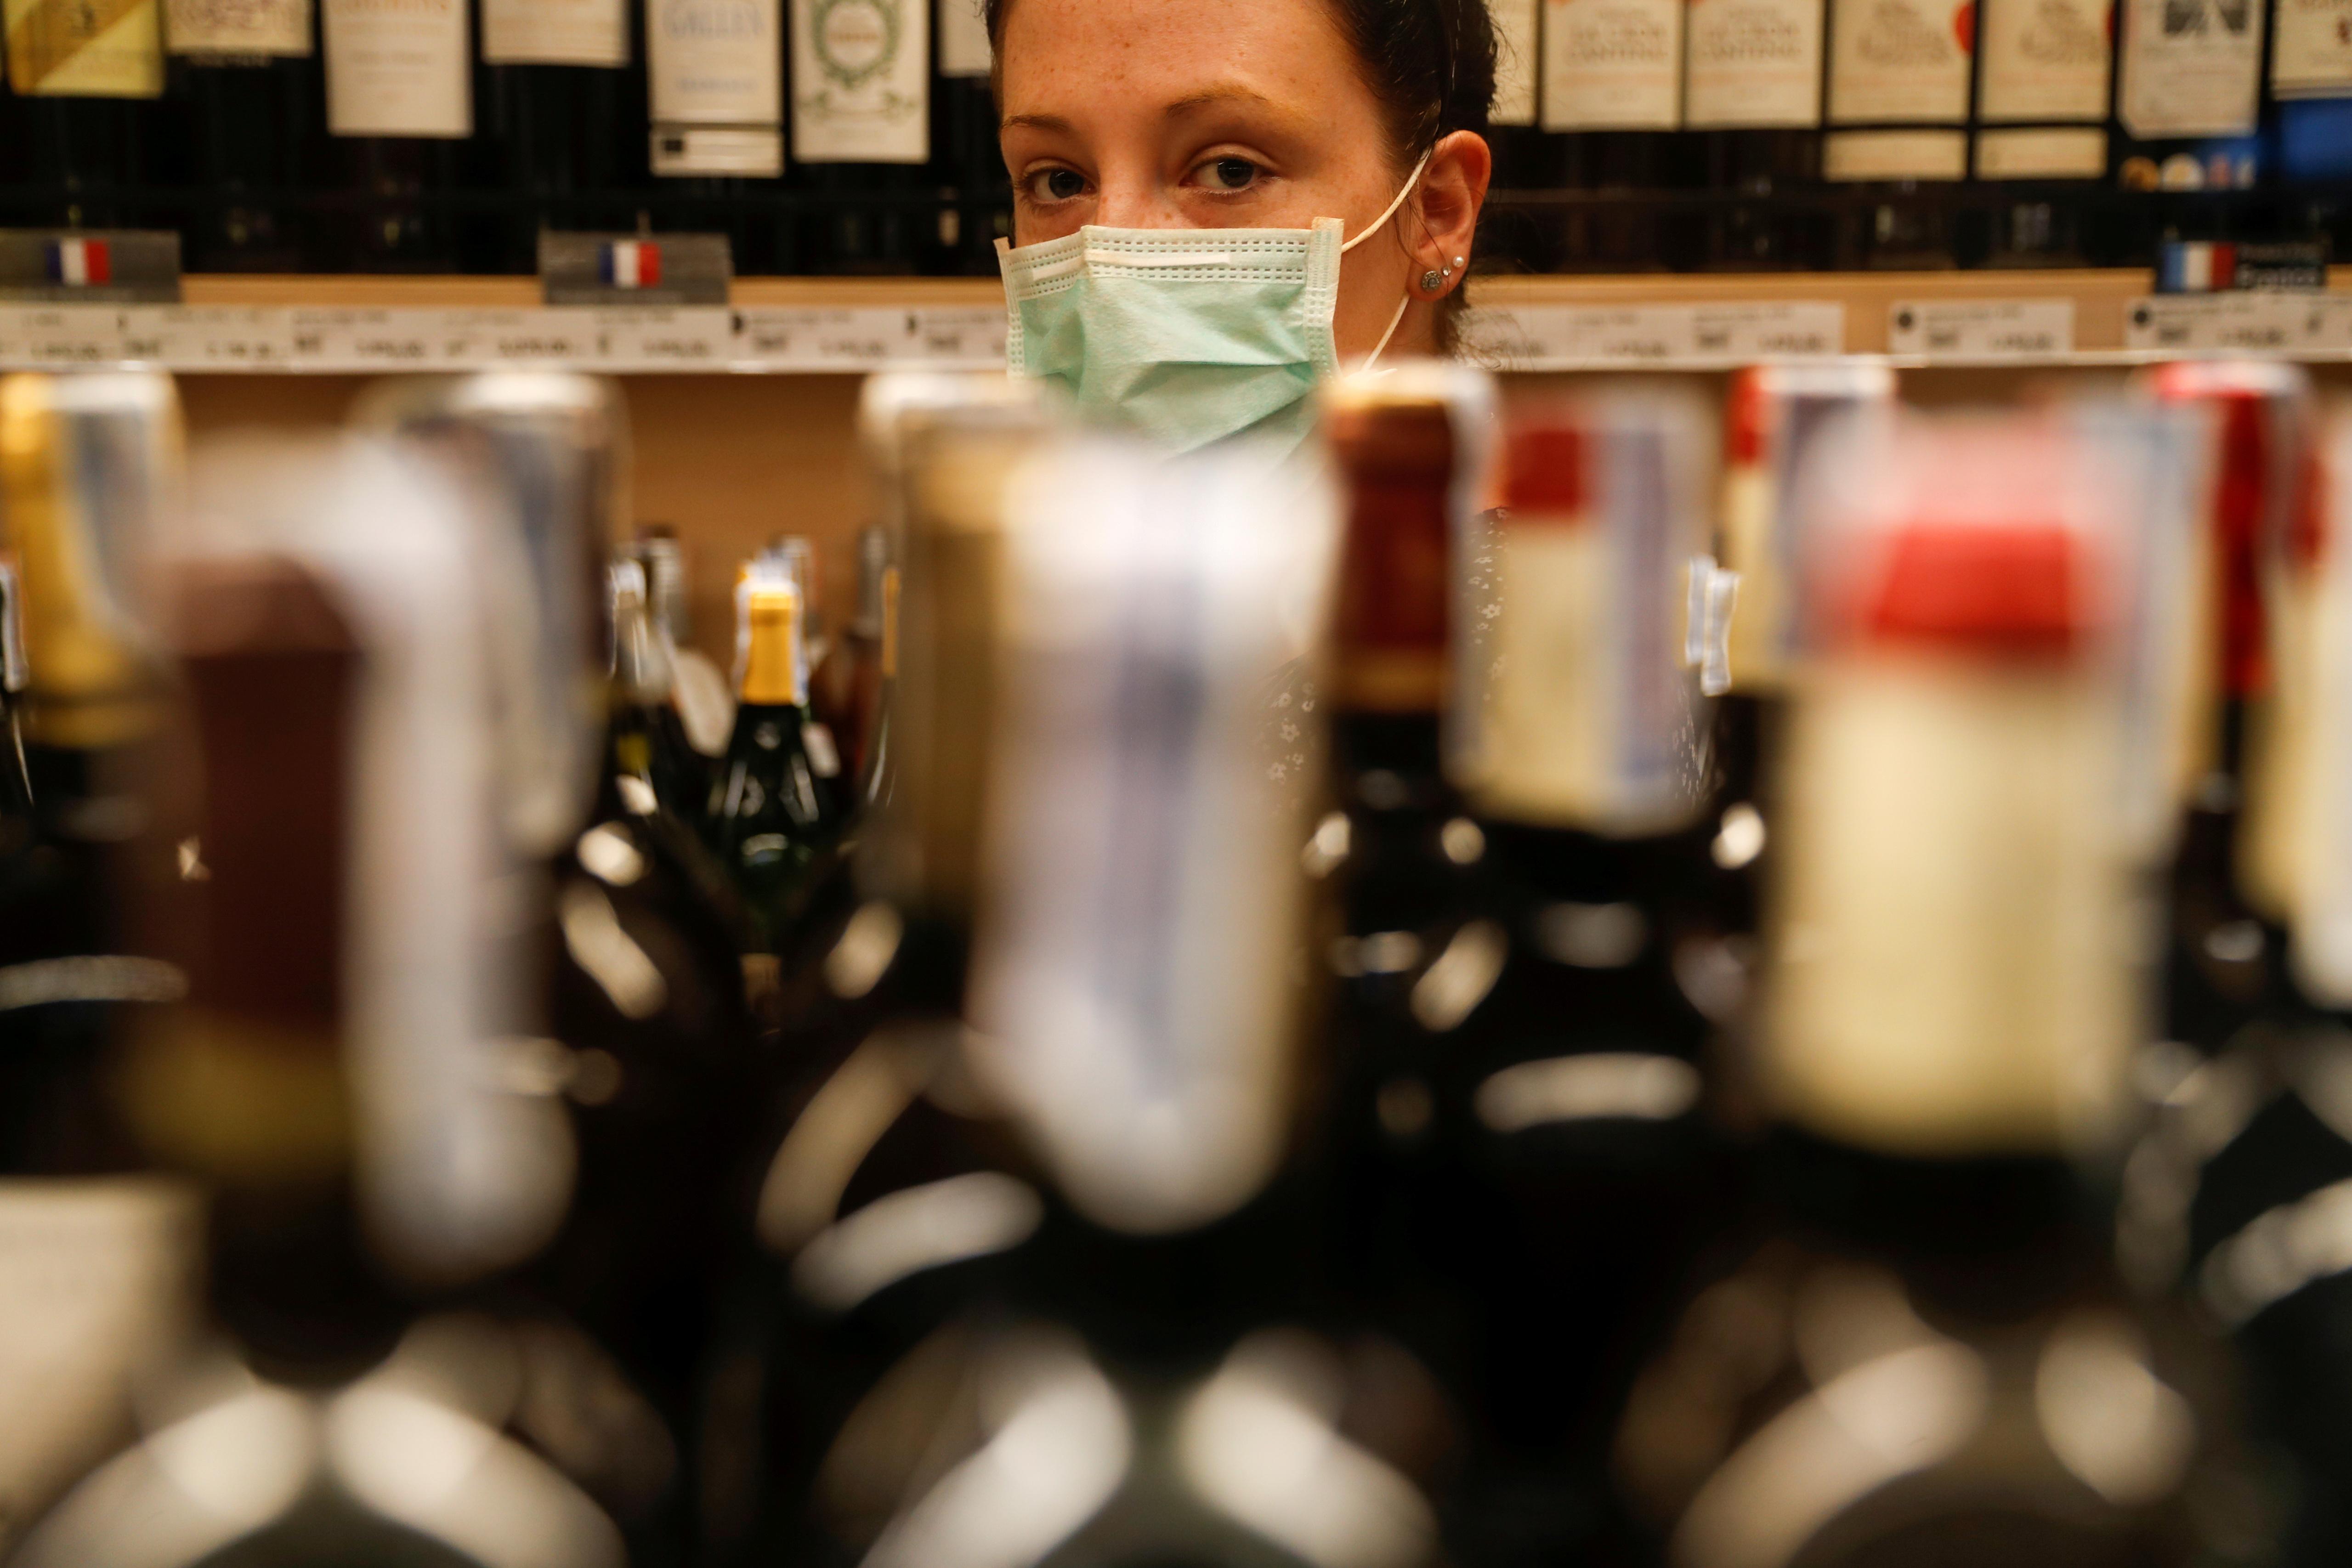 Новый закон поставил под угрозу продажи импортного алкоголя